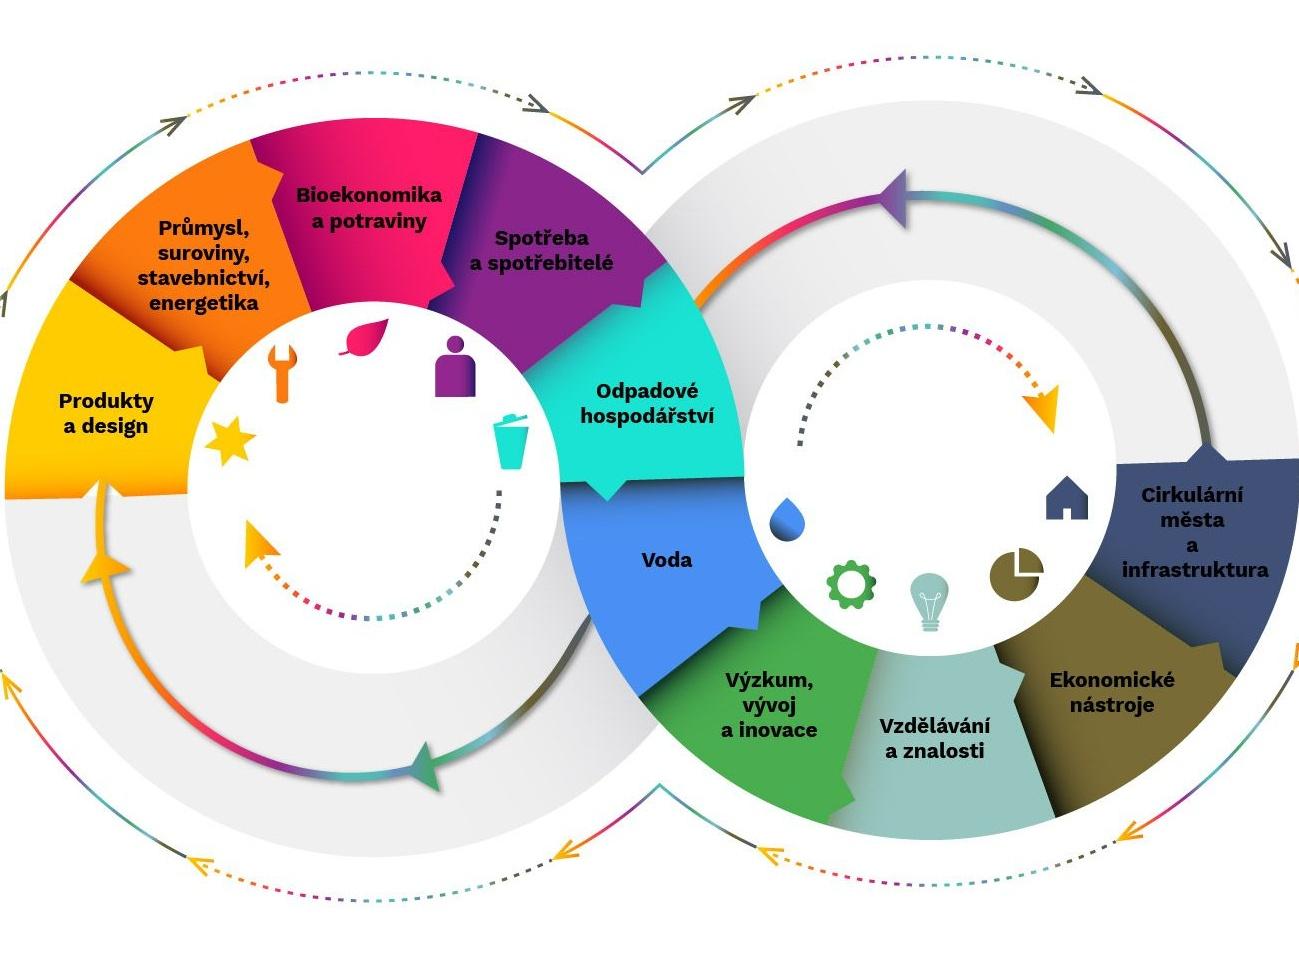 MŽP předkládá veřejnosti návrh Cirkulárního Česka 2040. Vyjádřit názor můžete i vy